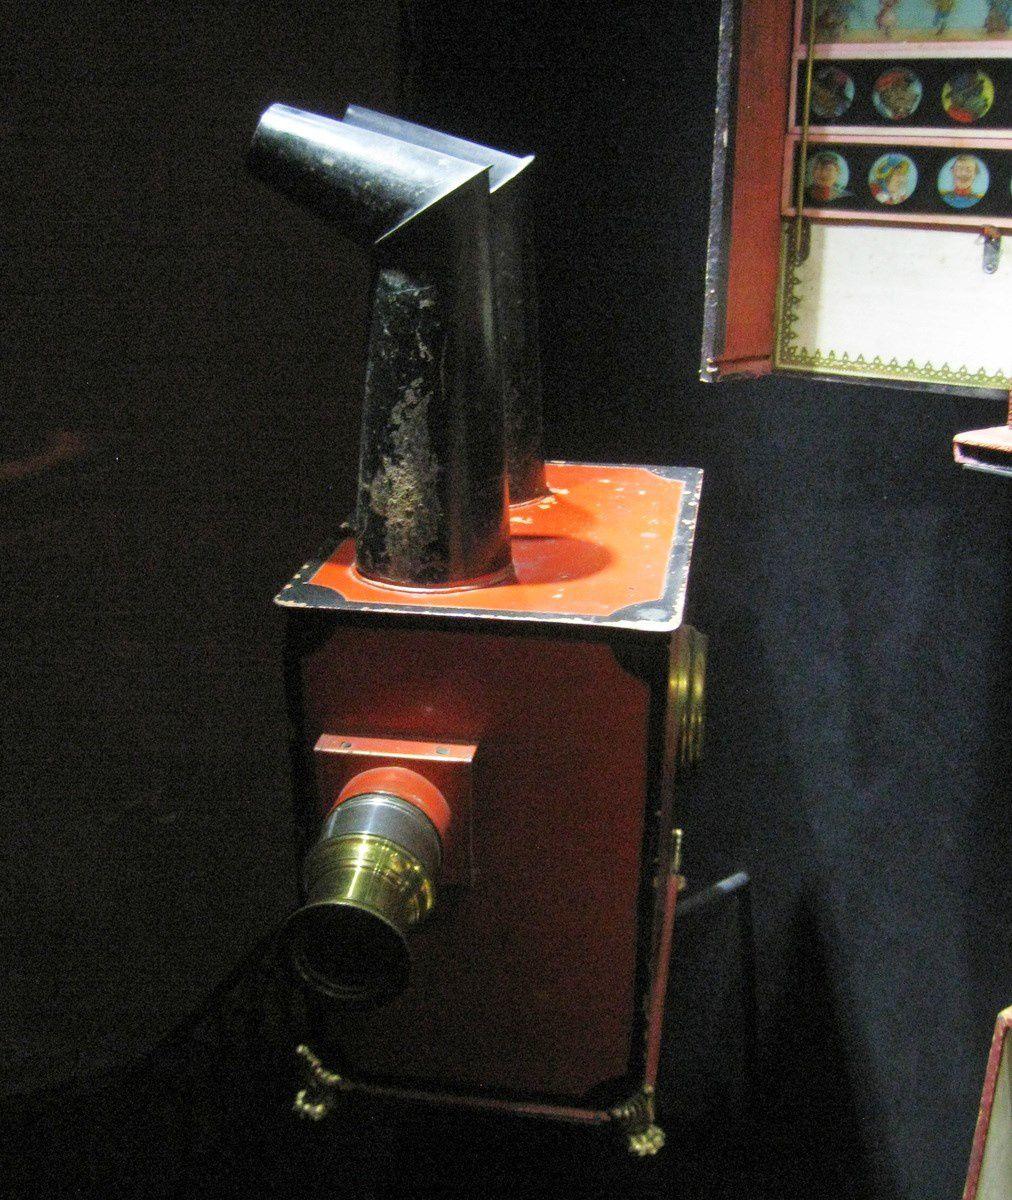 Lanternes magiques, musée du jouet de Poissy